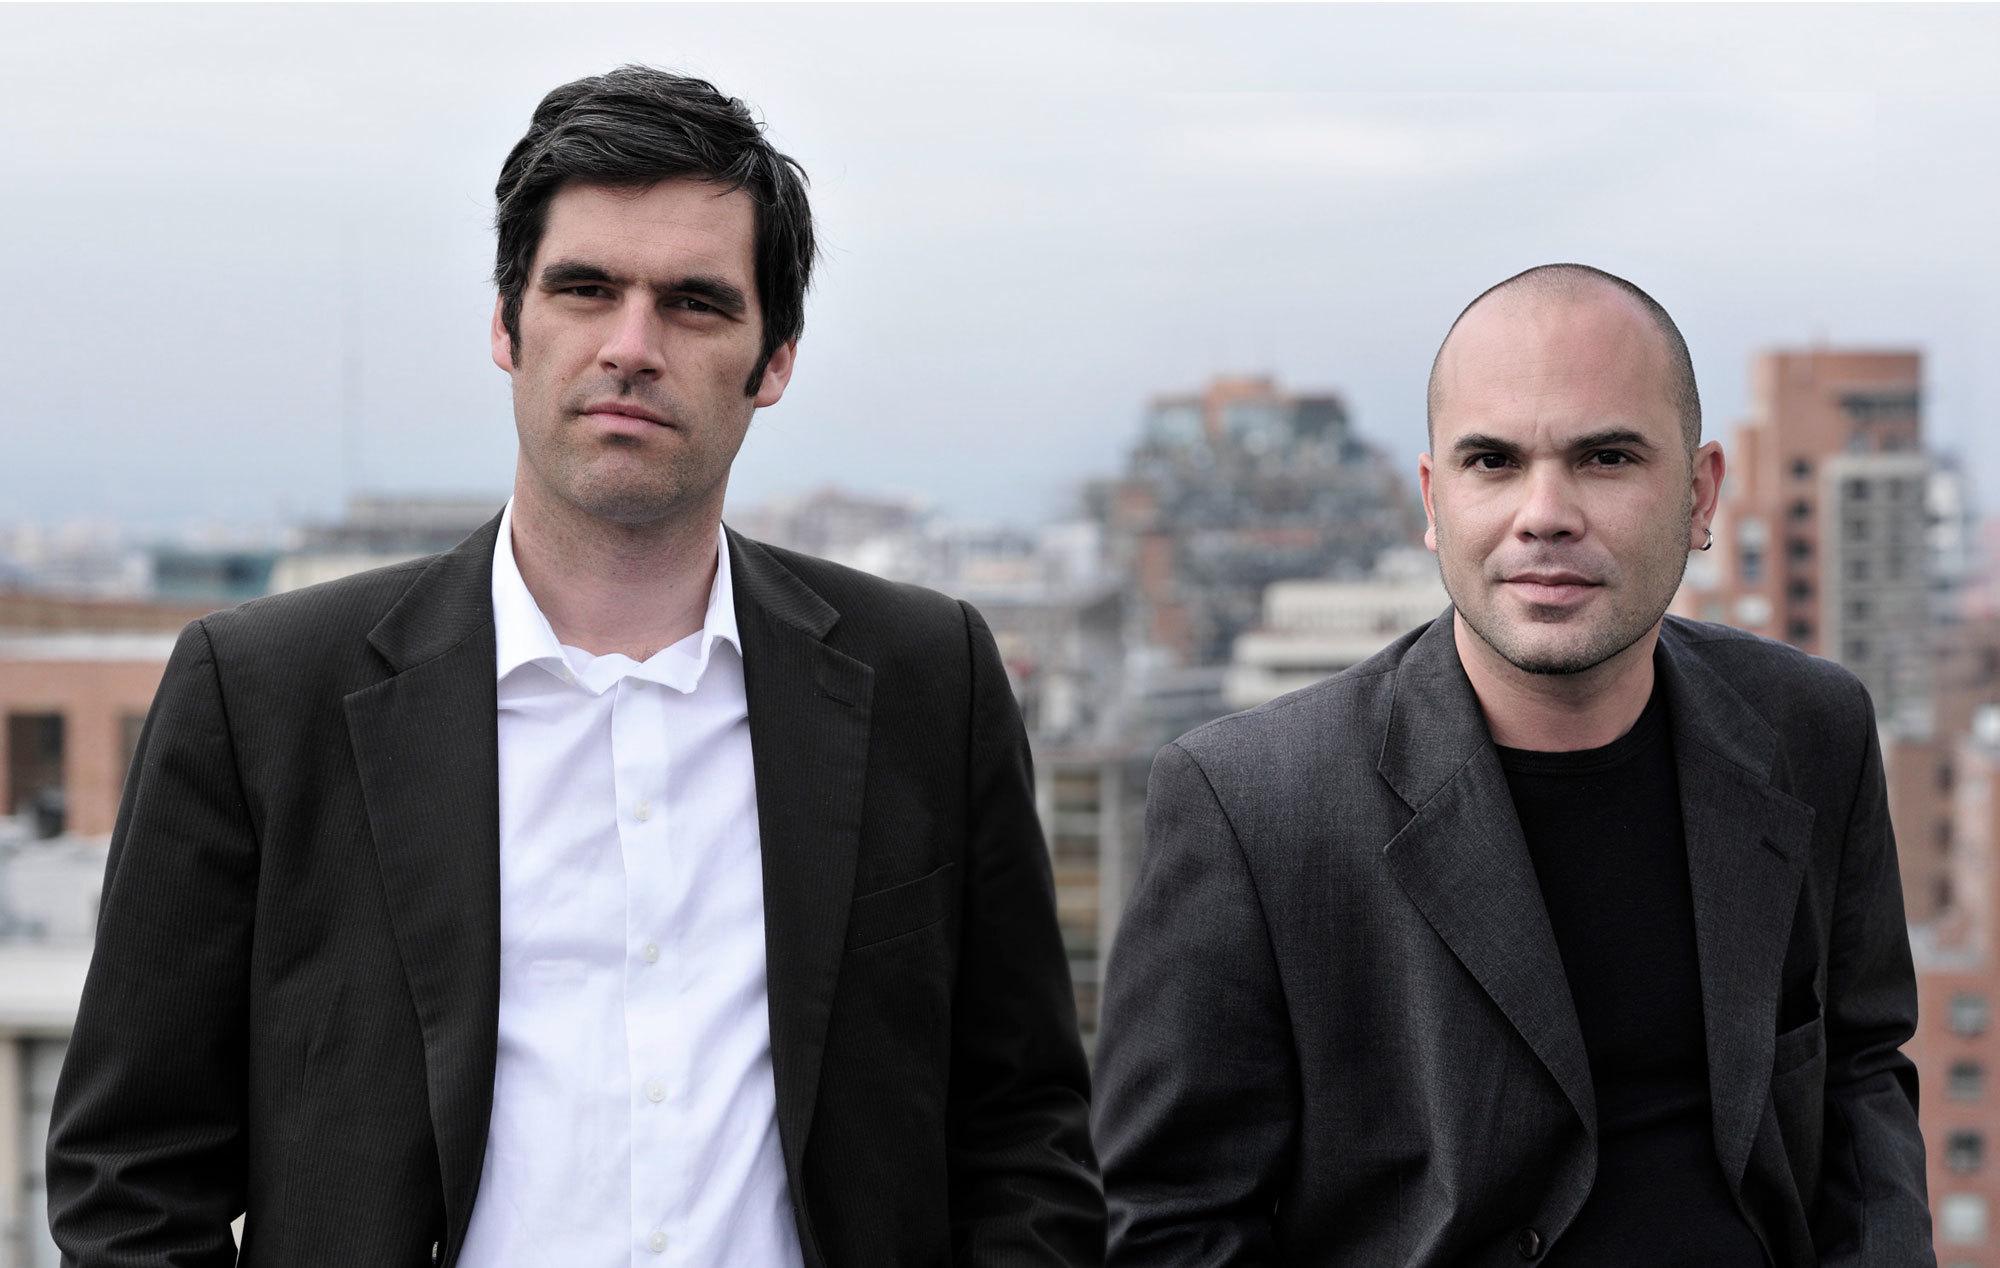 2004 von den Studienfreunden Mario Rojas (rechts) und Marc Frohn (links) gegründet, steht das internationale Büro FAR für Projekte, die scheinbare Naturgesetze von Architektur, Innenarchitektur und Ausstellungsgestaltung hinterfragen – und zu ungesehenen Lösungen führen. Foto: FAR frohn & rojas